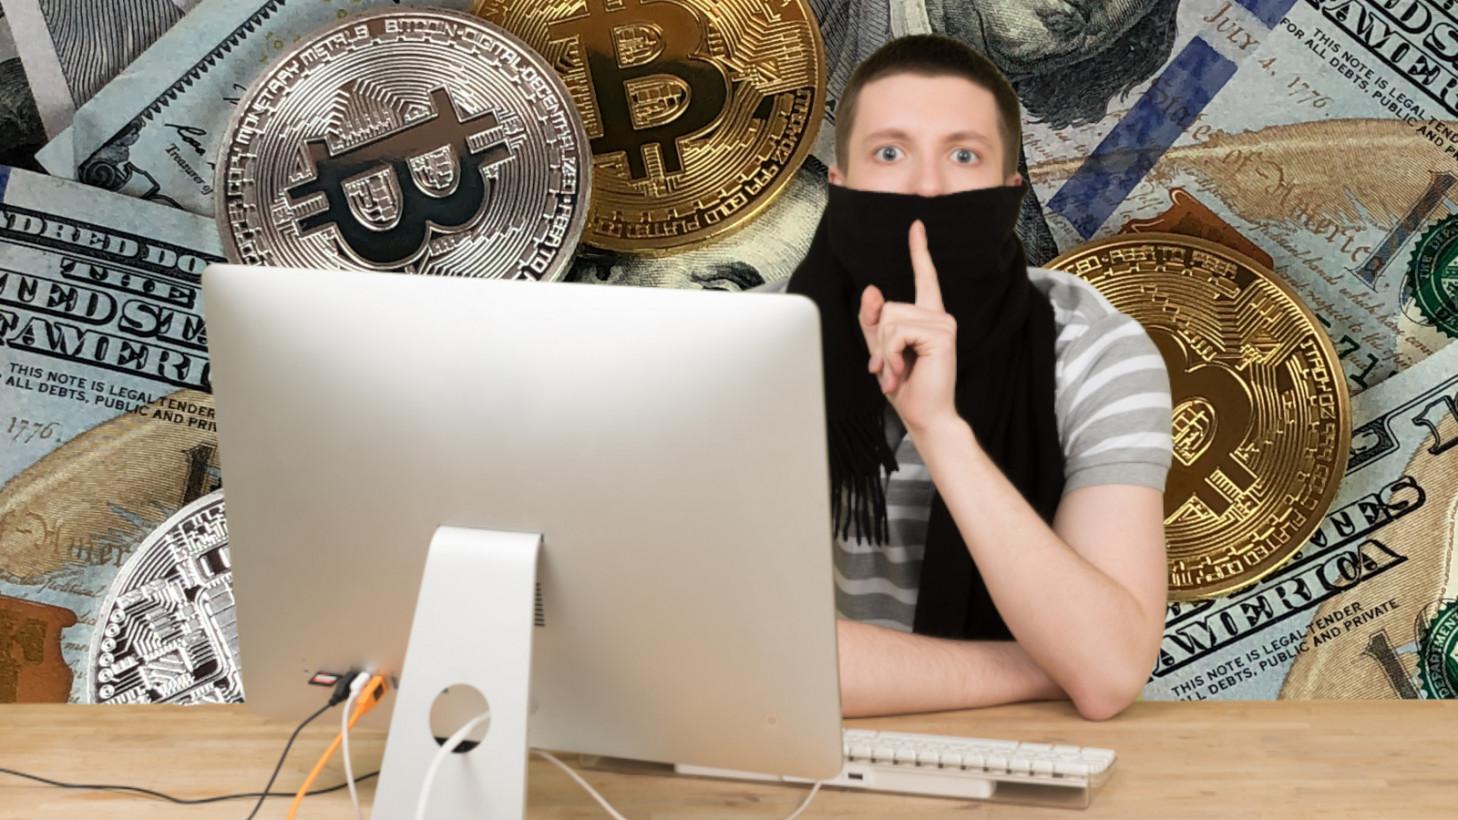 Anonimiškai bitkoinus investuoti į, Recent Posts